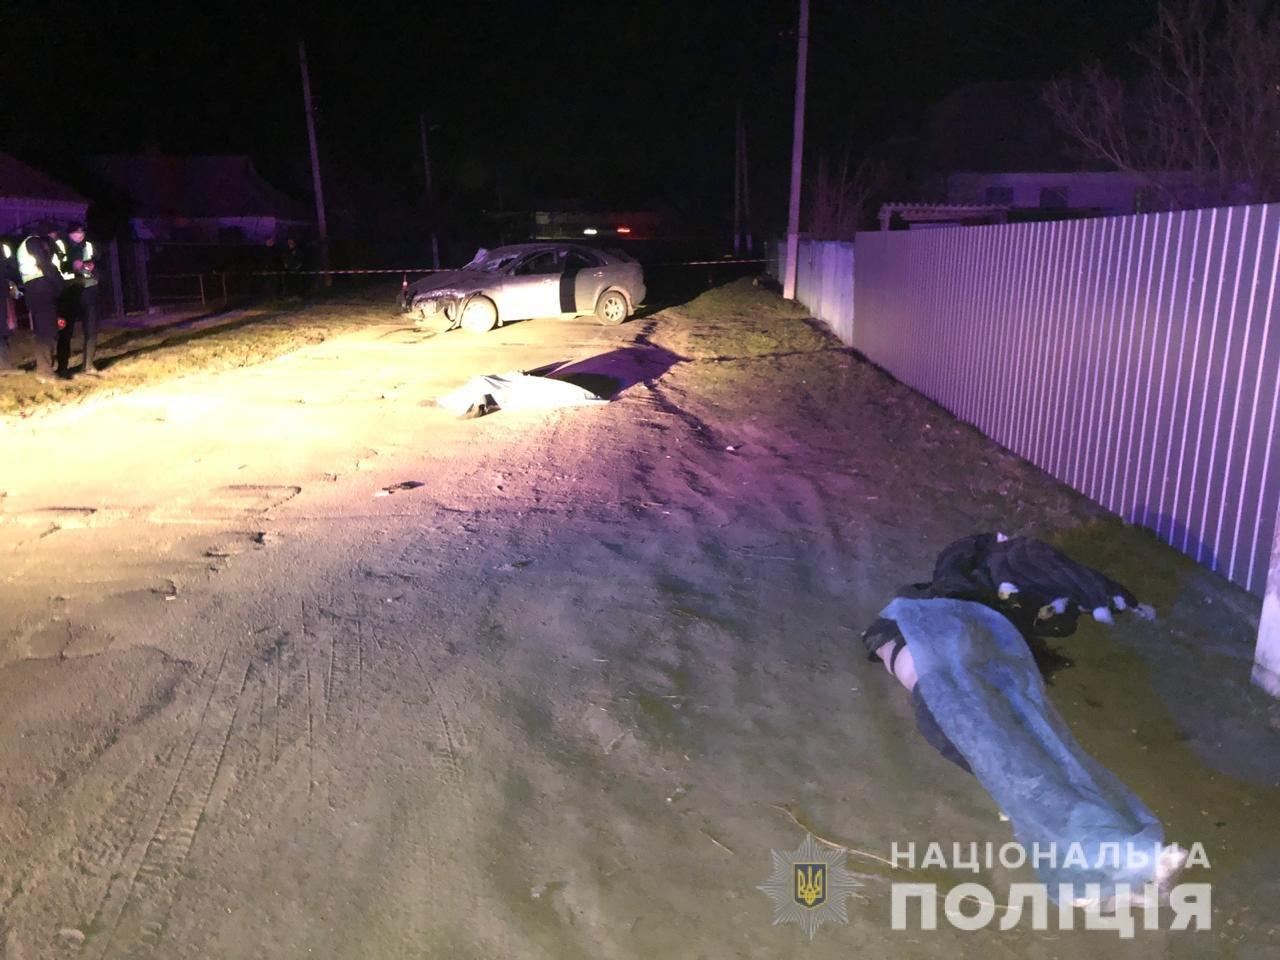 На Білоцерківщині 19-річний хлопець насмерть збив двох дівчат, фото-2